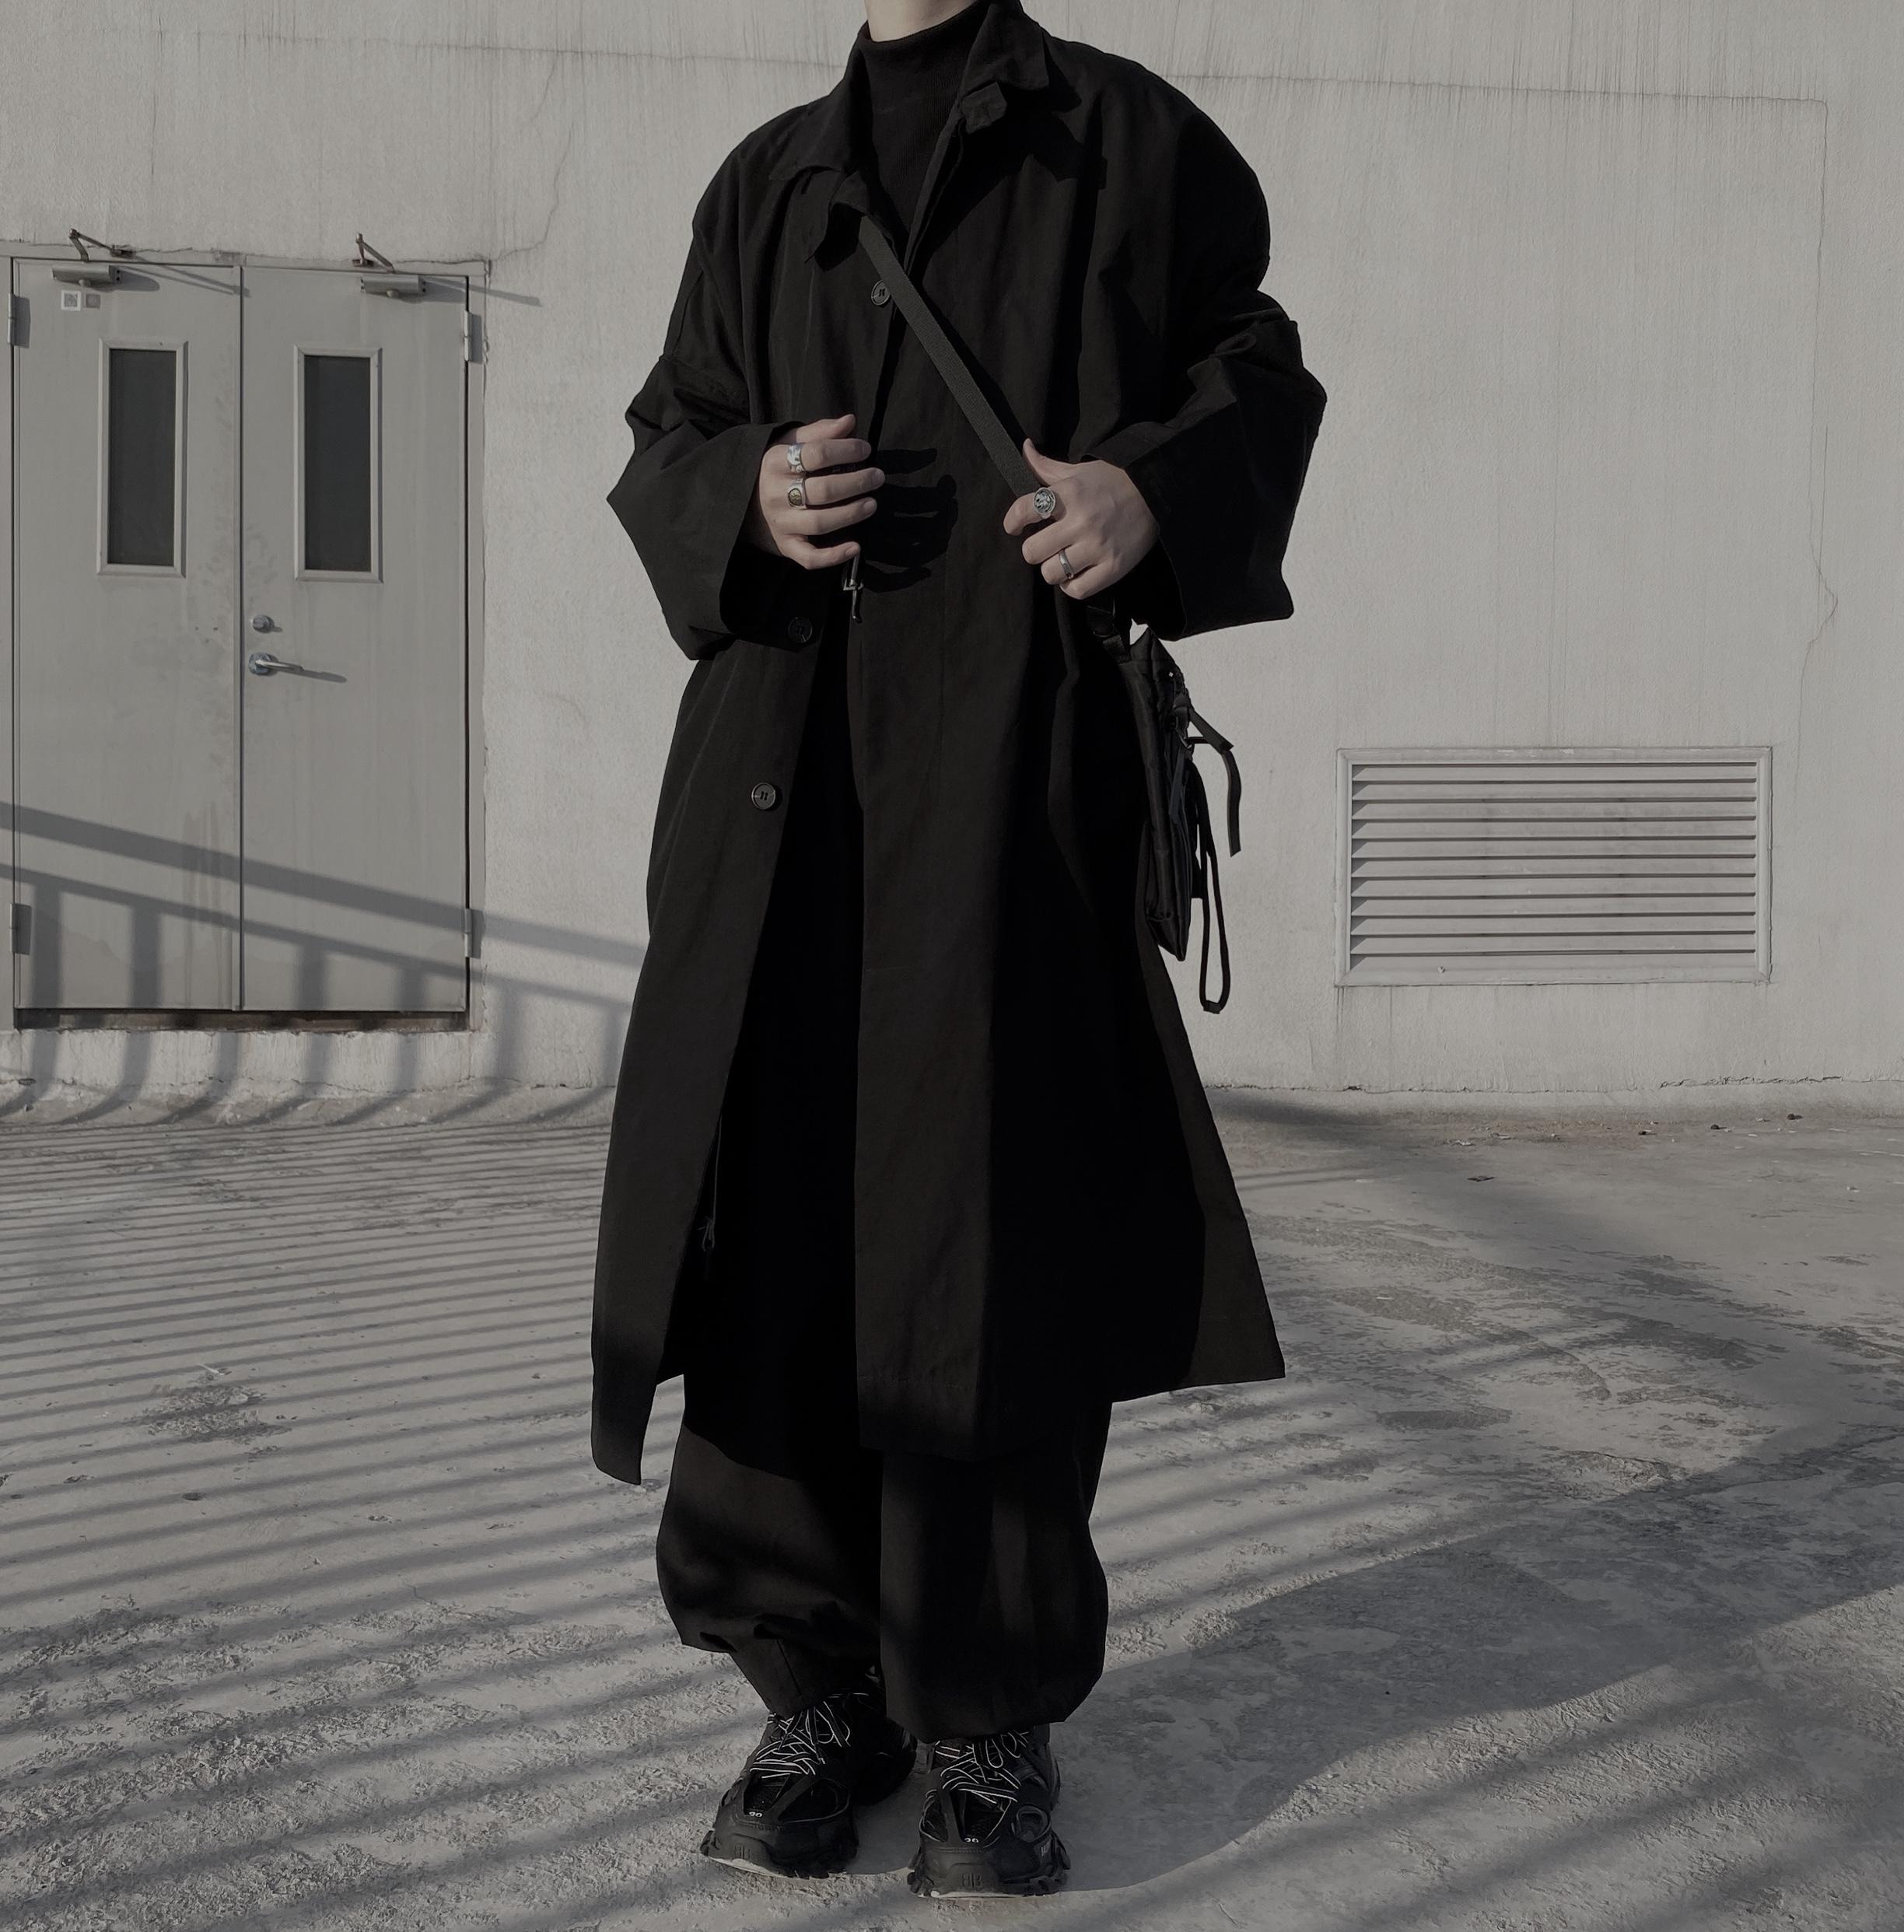 山本耀司风暗黑廓形宽松长款风衣外套 NCM  NormCoreMoment 19fw